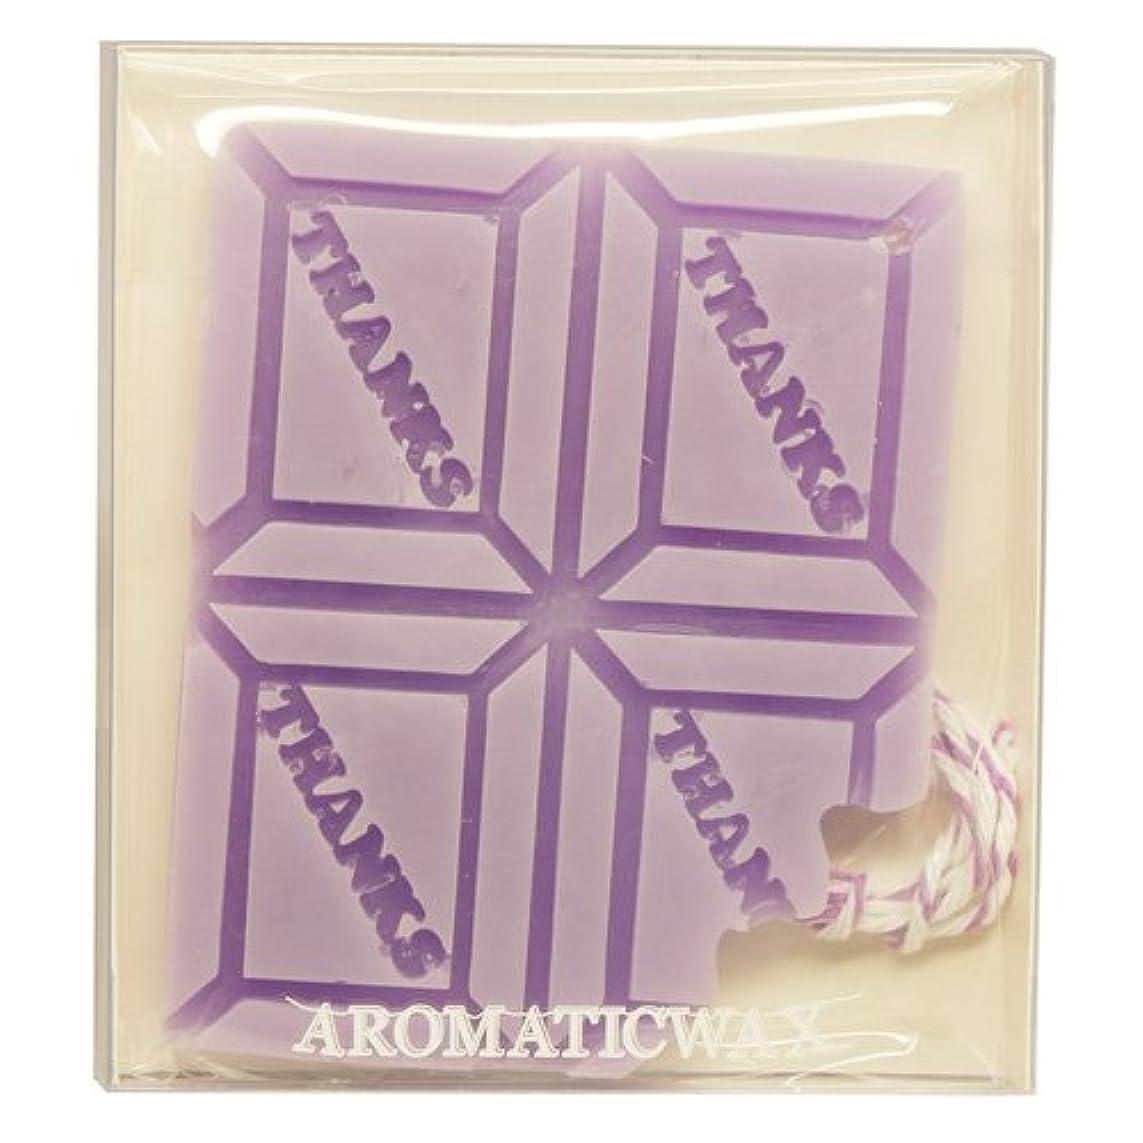 作動する基準フィードGRASSE TOKYO AROMATICWAXチャーム「板チョコ(THANKS)」(PU) ラベンダー アロマティックワックス グラーストウキョウ